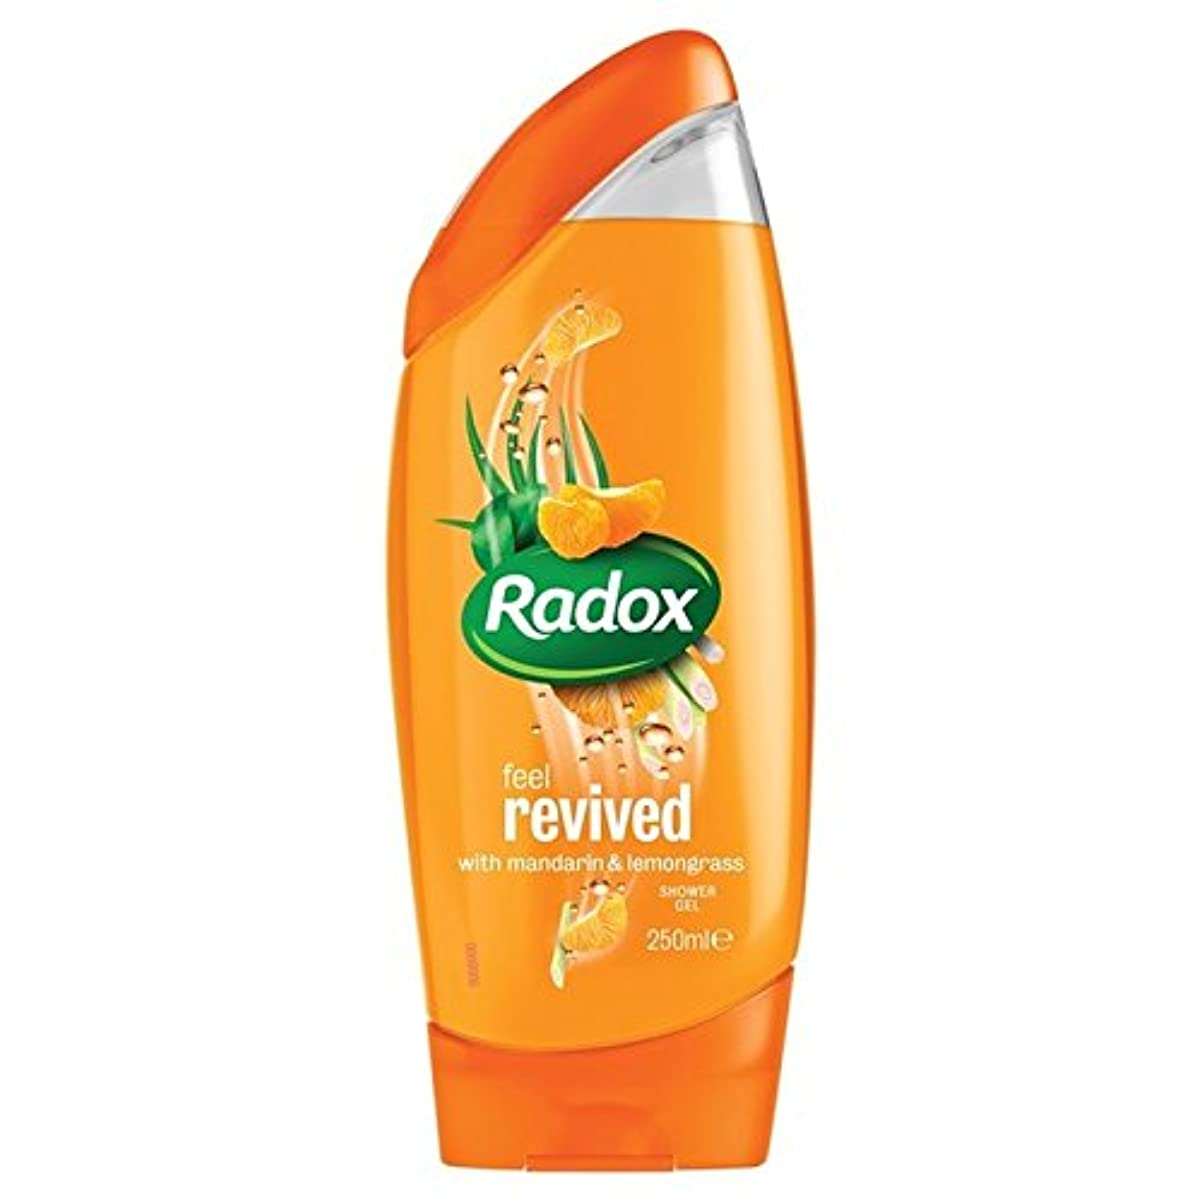 考案するスクラブ尊敬するのみかんは、シャワージェル250ミリリットルを復活させます x4 - Radox Mandarin Revive Shower Gel 250ml (Pack of 4) [並行輸入品]